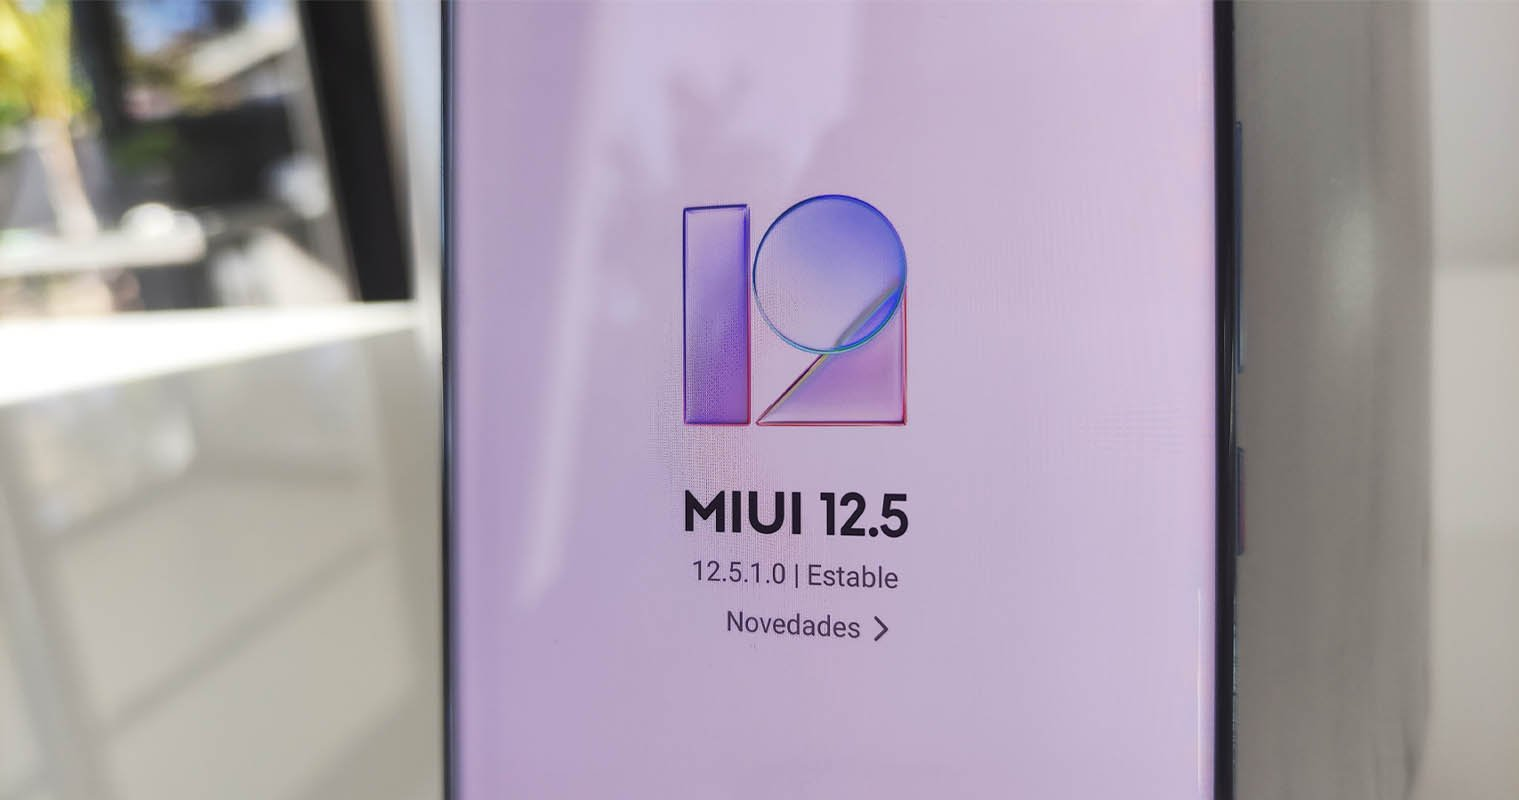 El Xiaomi Mi 10 Pro comienza a recibir MIUI 12.5 a través del programa Mi Pilot. Noticias Xiaomi Adictos